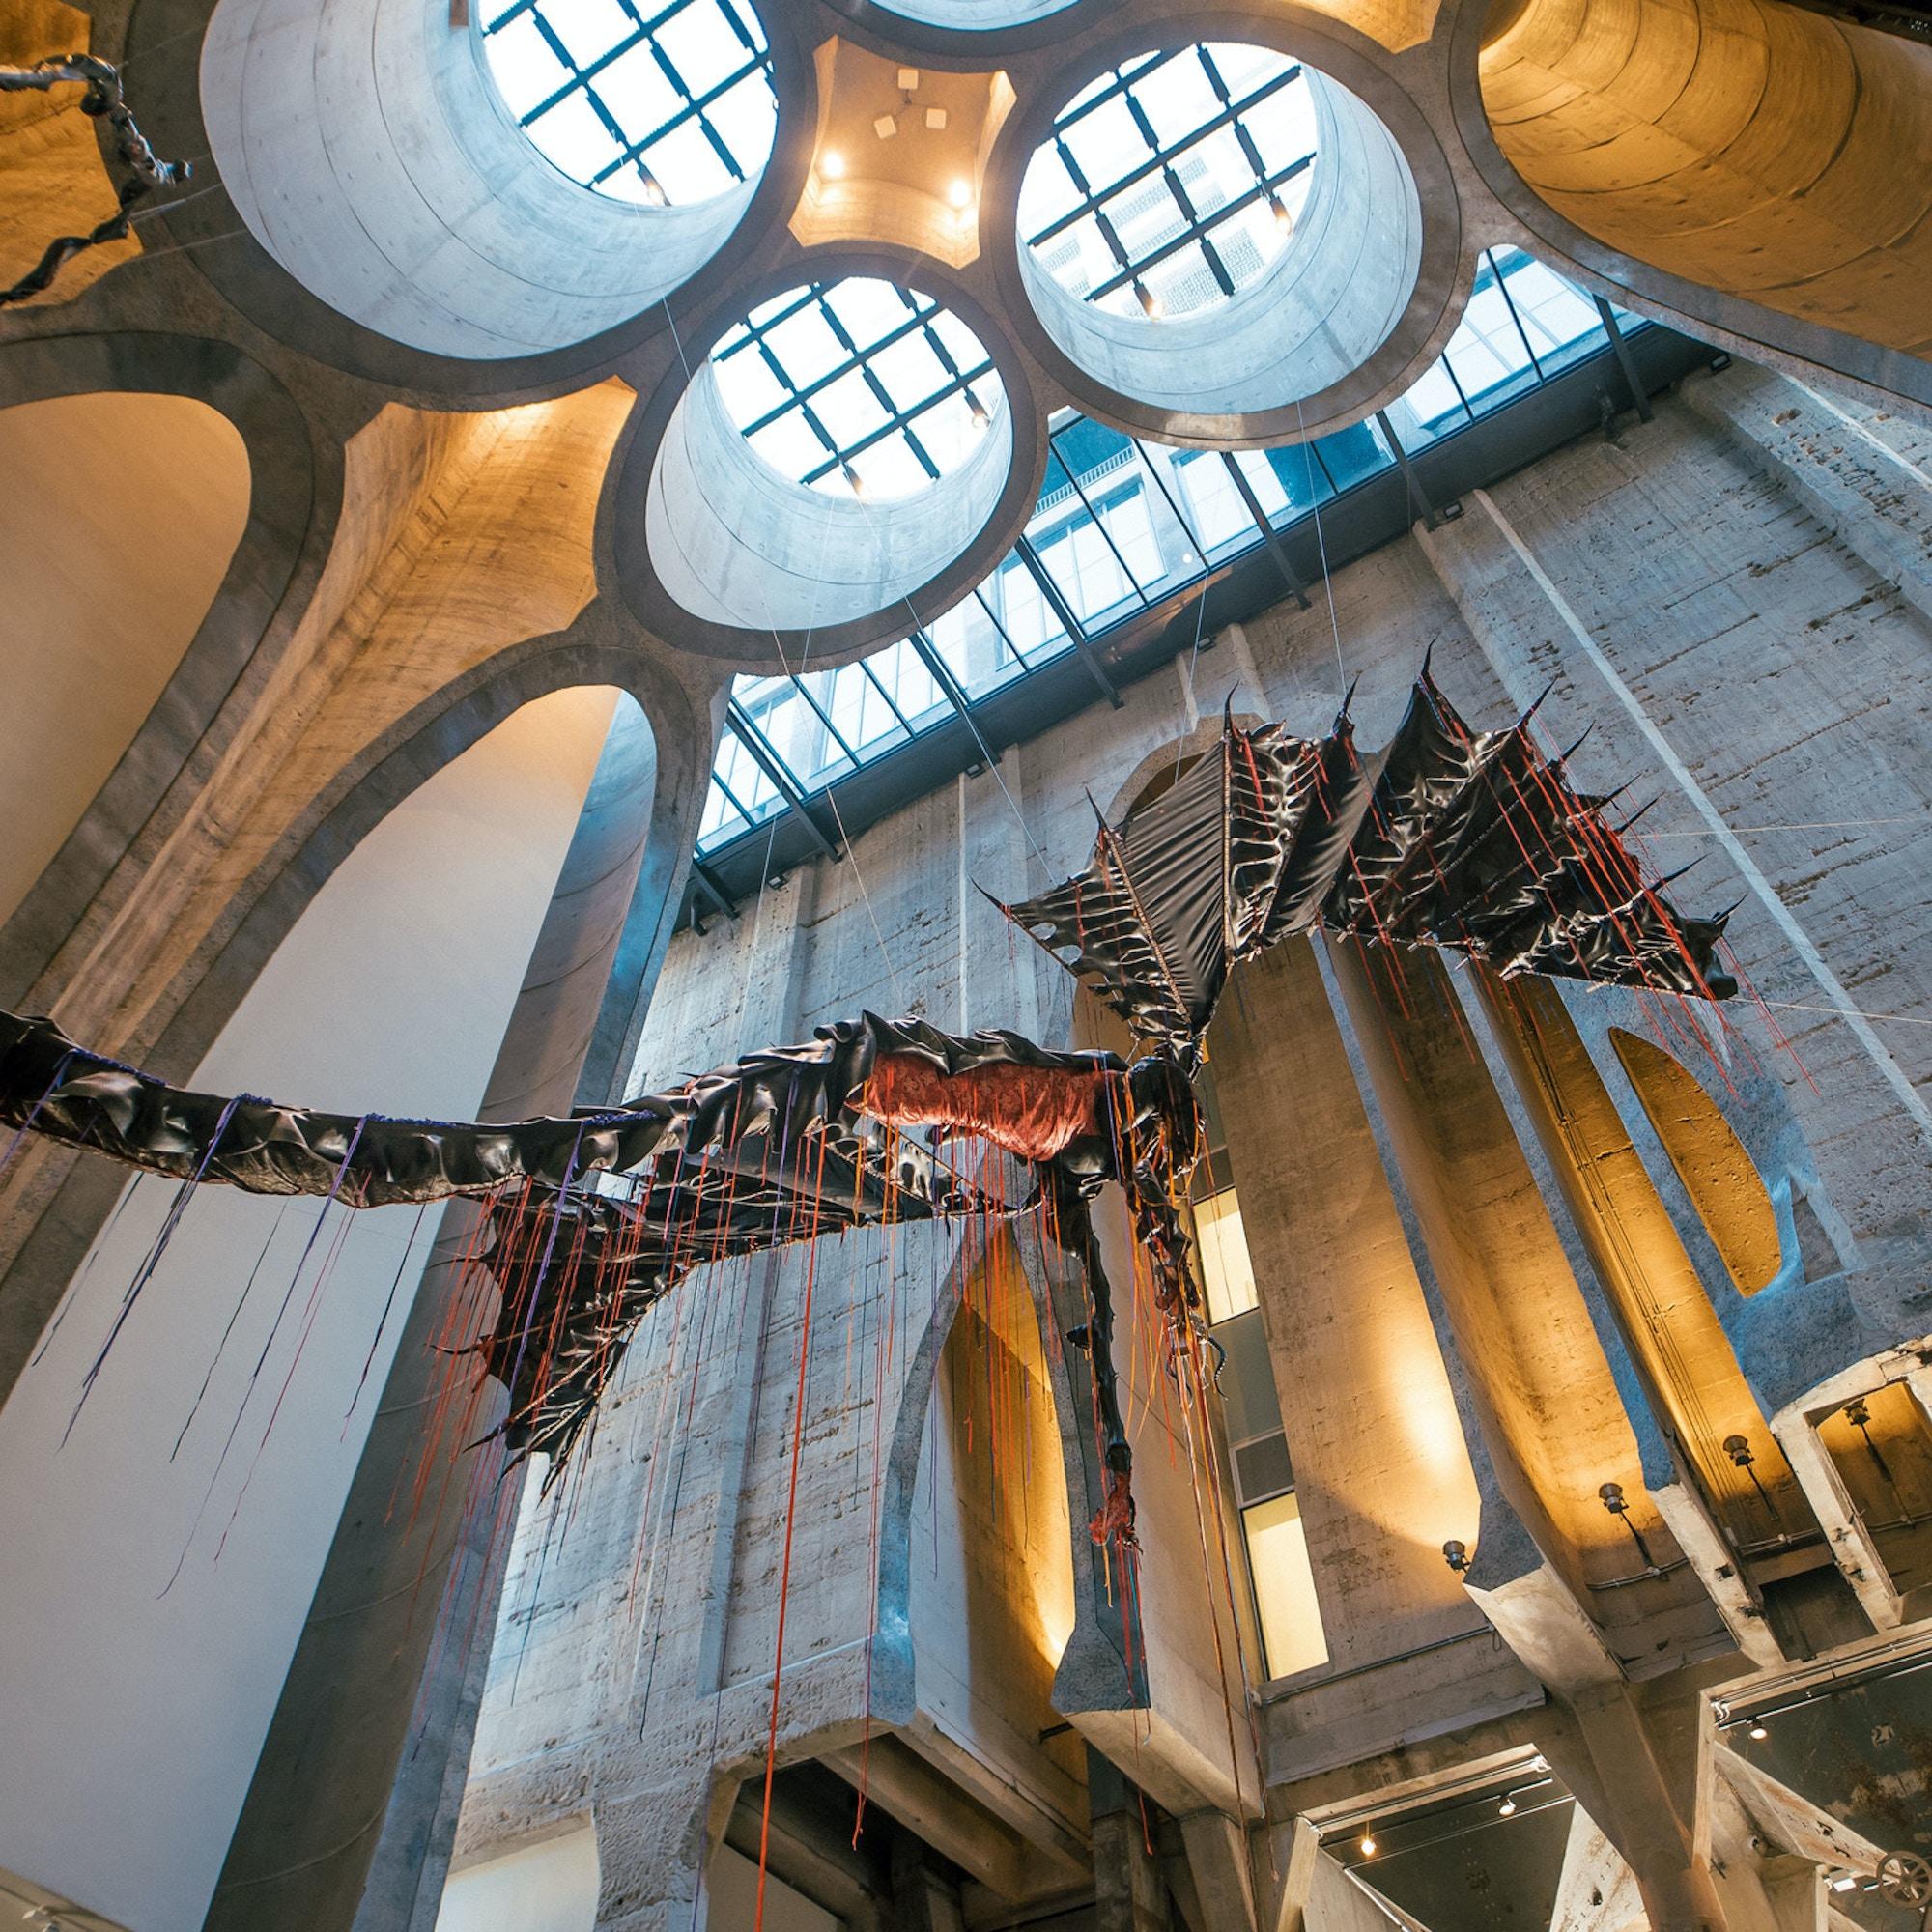 Zeitz Museum of Contemporary Art Africa 2